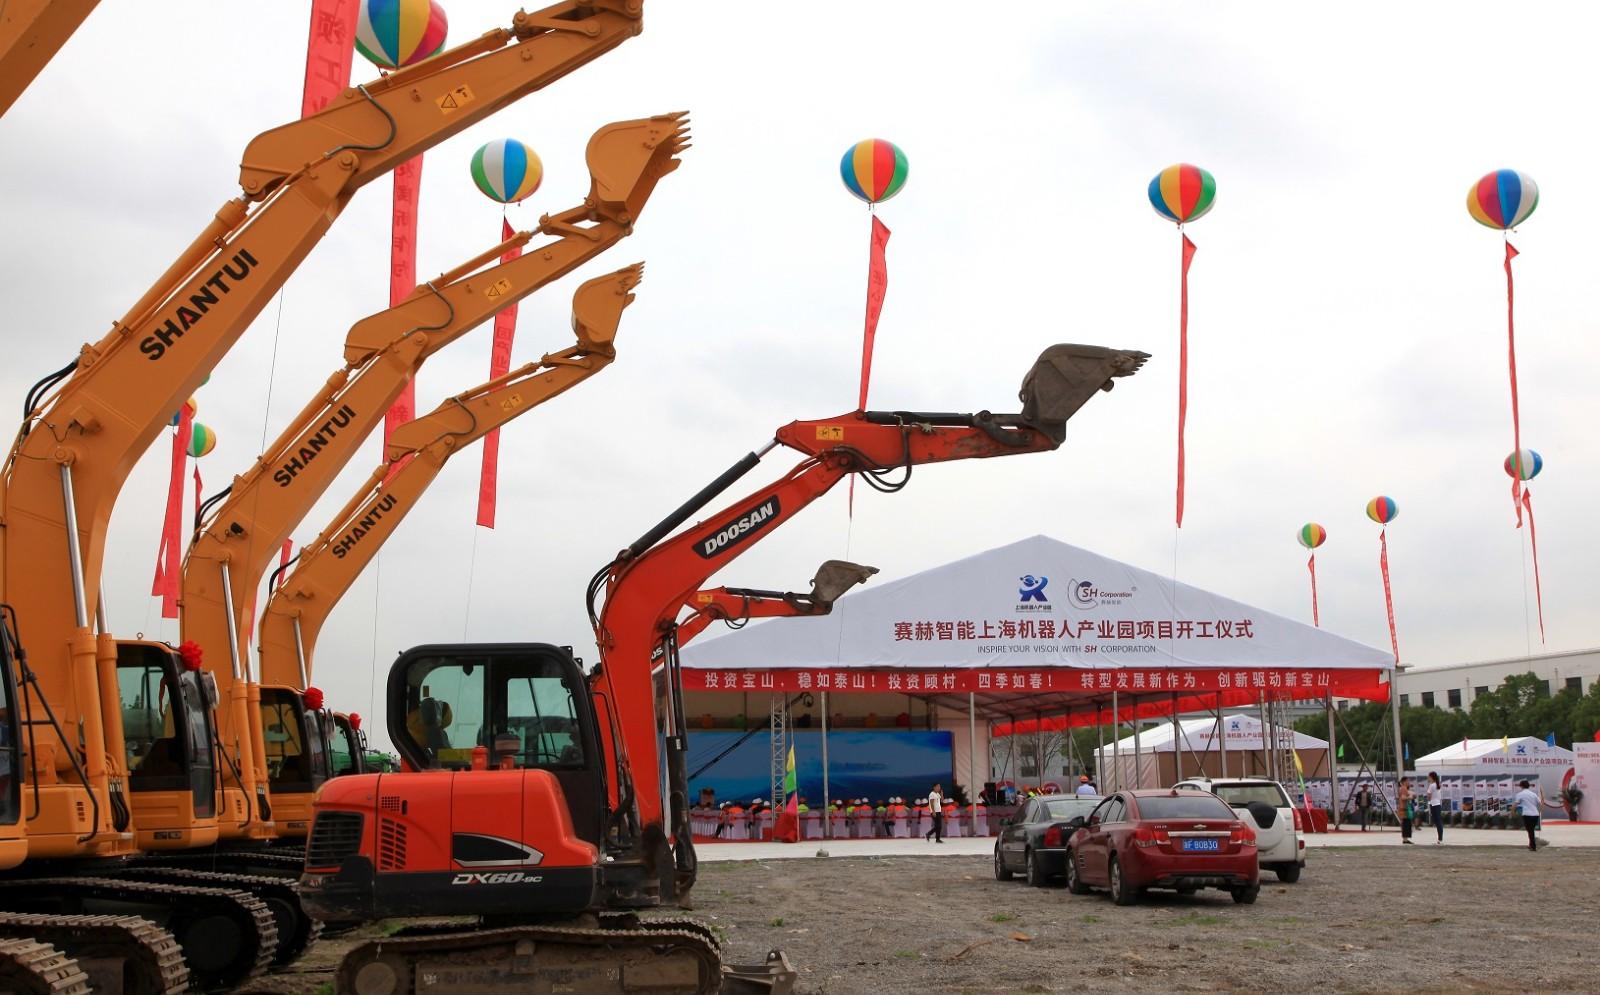 启新局  筑未来――赛赫智能全球总部落户上海机器人产业园